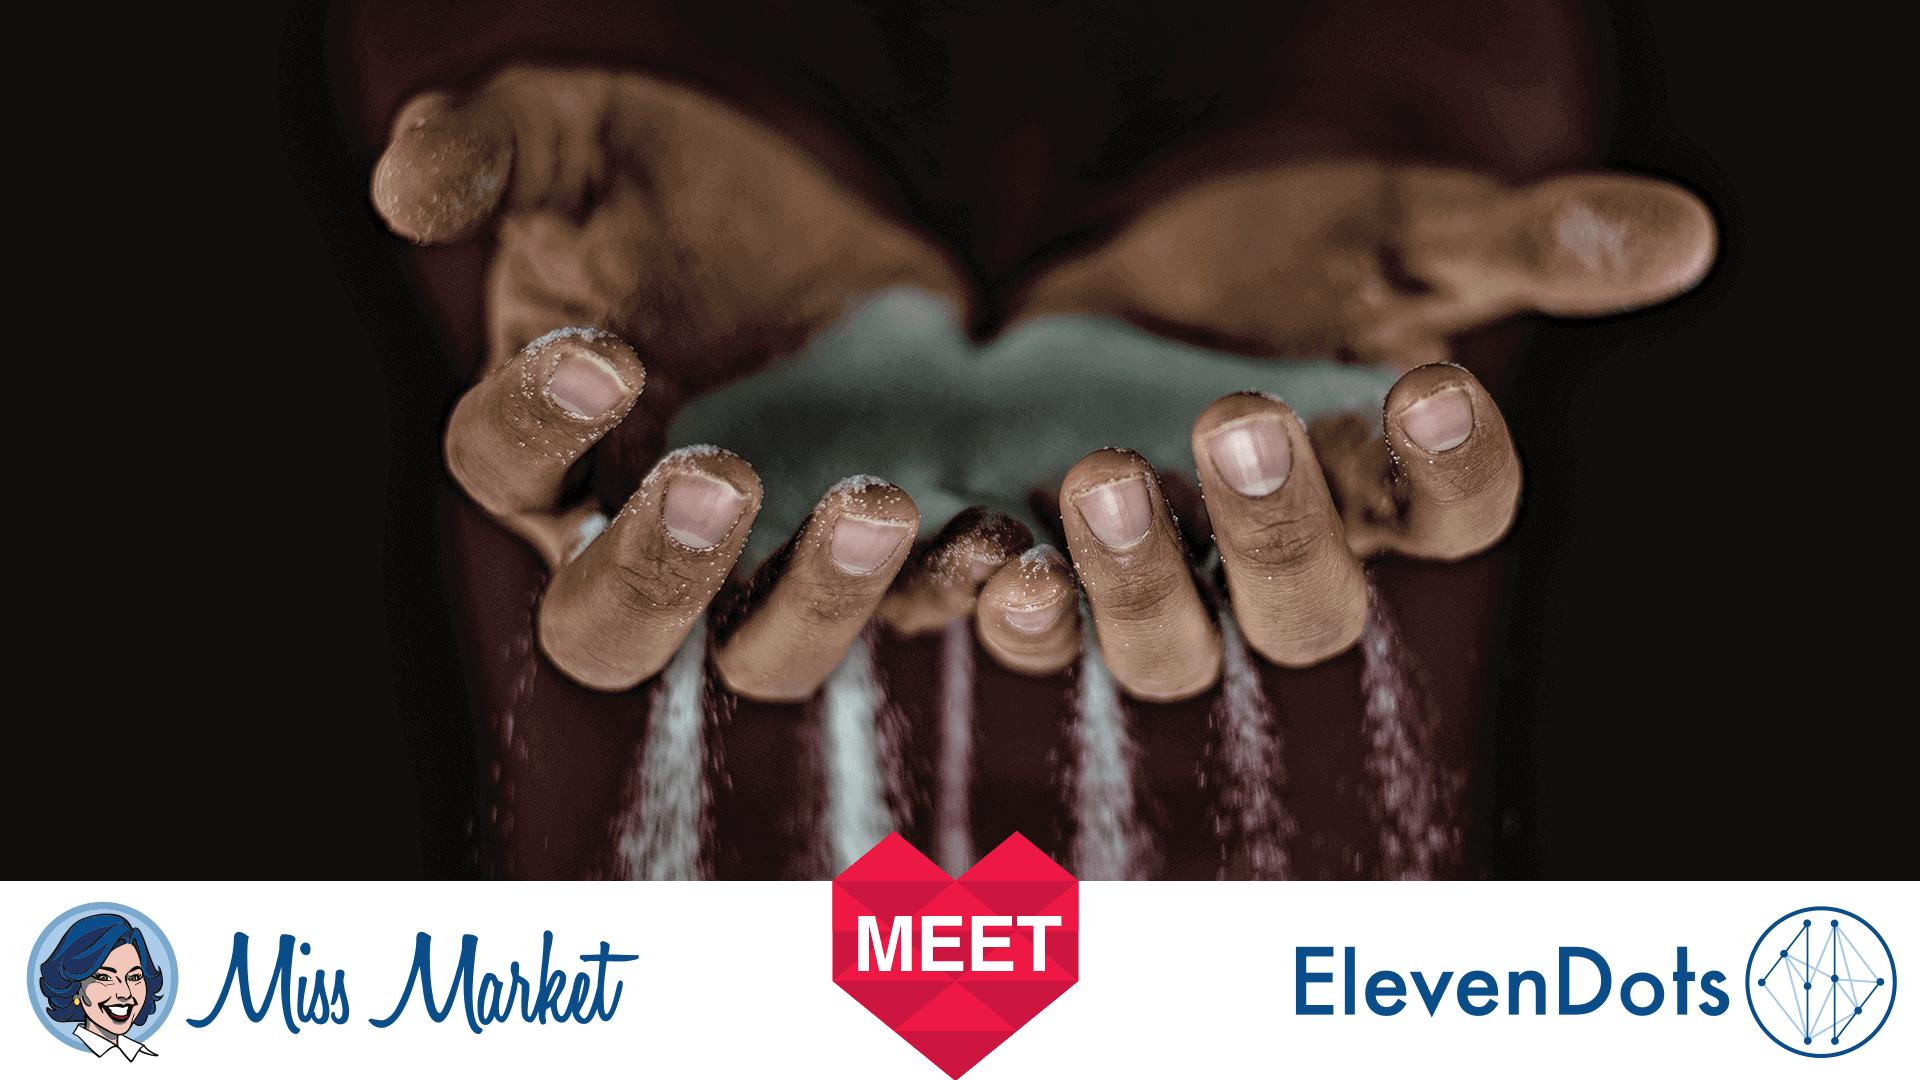 elevendots-miss-market-un-incontro-scaramantico-6